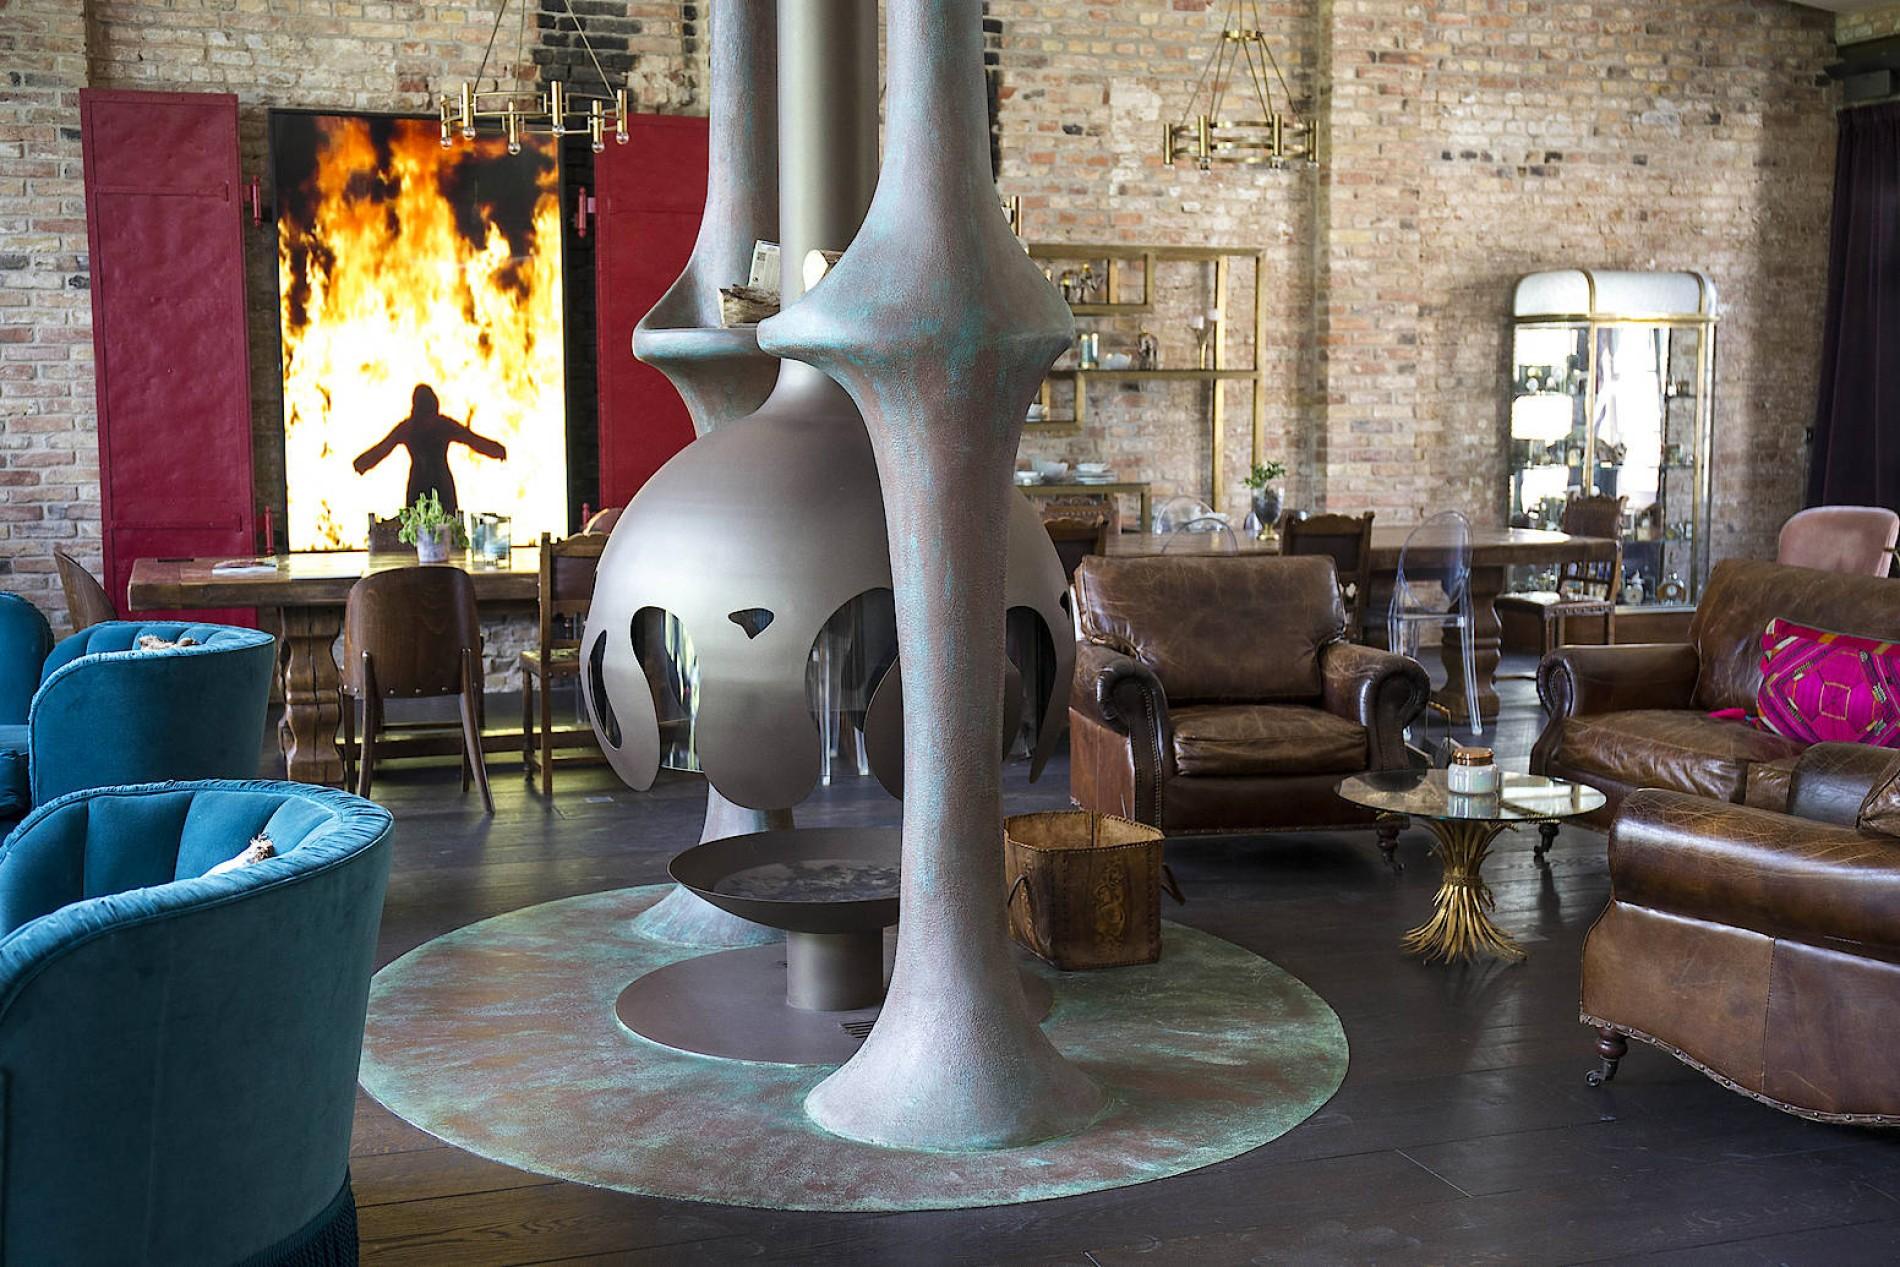 Wunderbar Wohnzimmer, Essbereich Und Küche Sind Ein Großer Raum, Der Kamin Ist Sein  Zentrum.